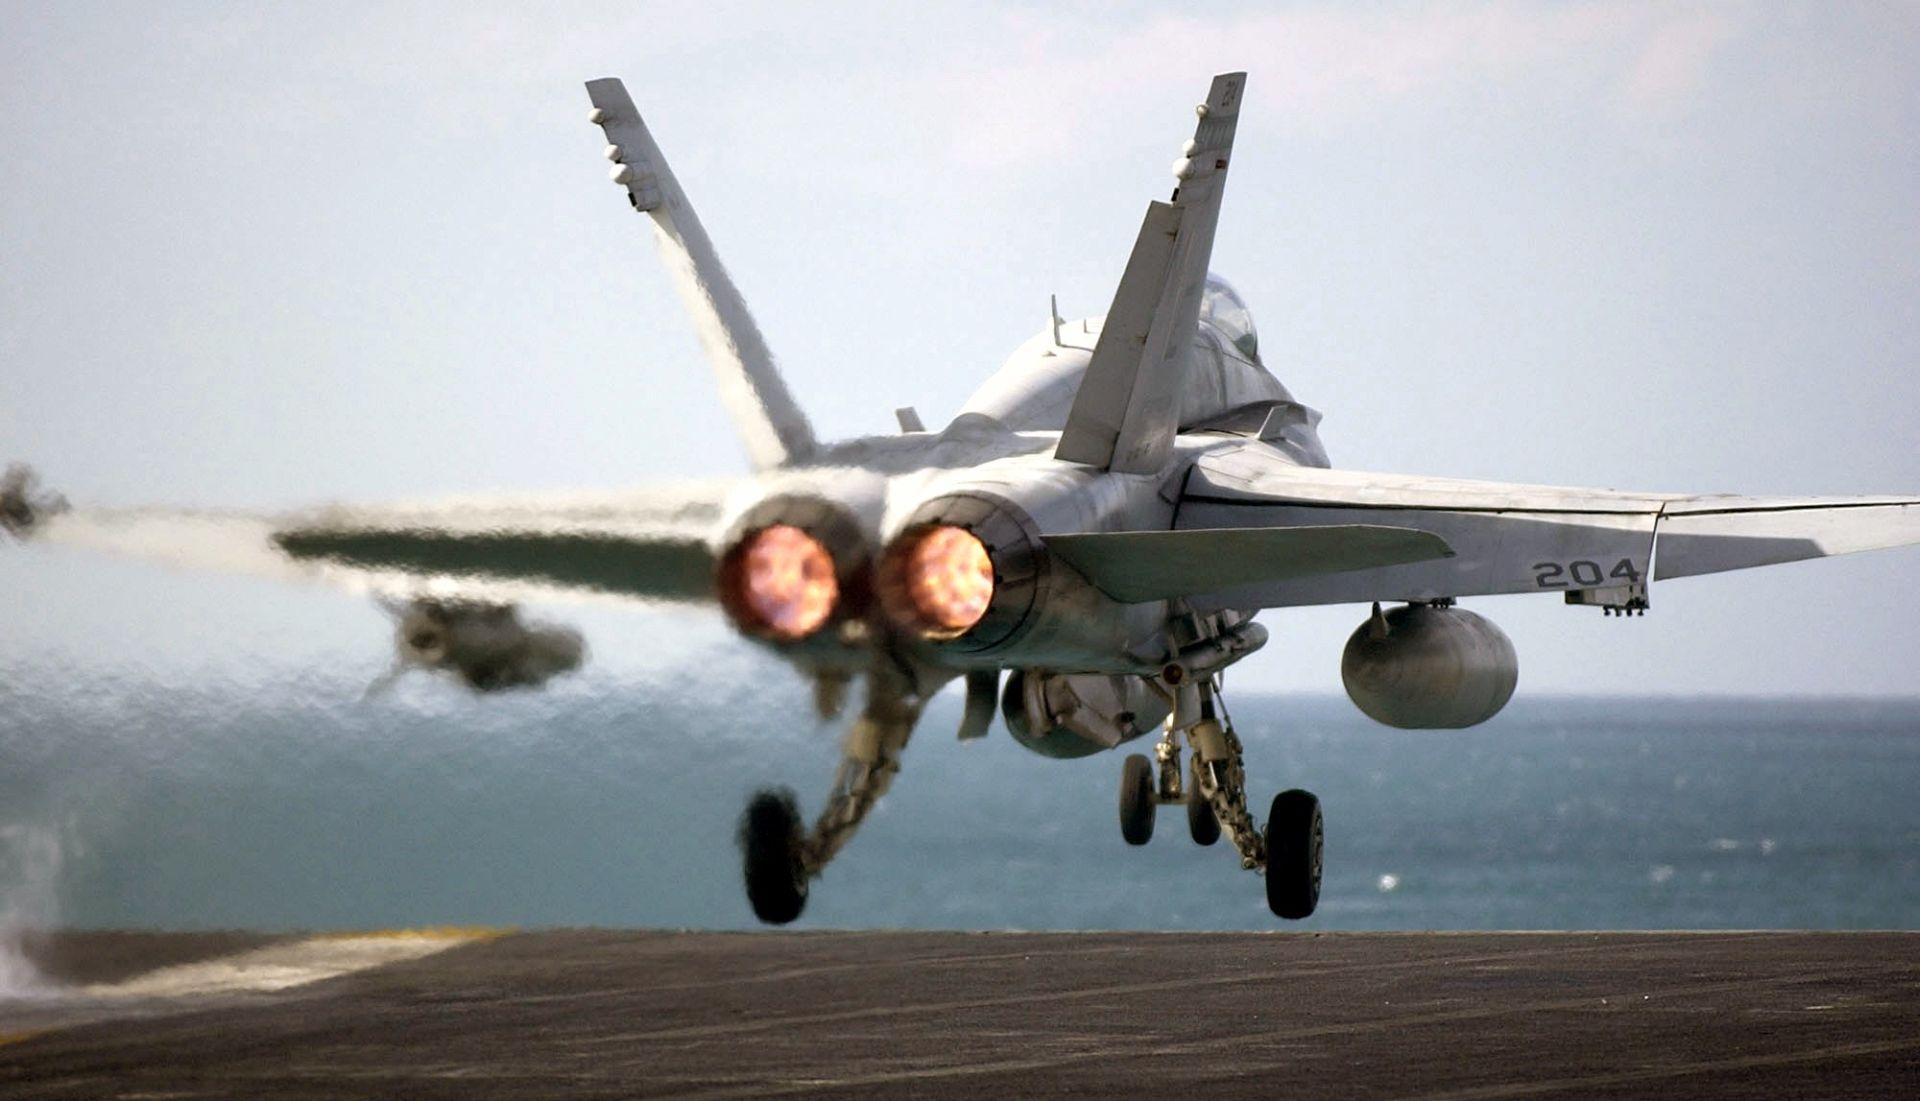 Dva vojna zrakoplova sudarila se u zraku iznad San Diega, oba pilota preživjela